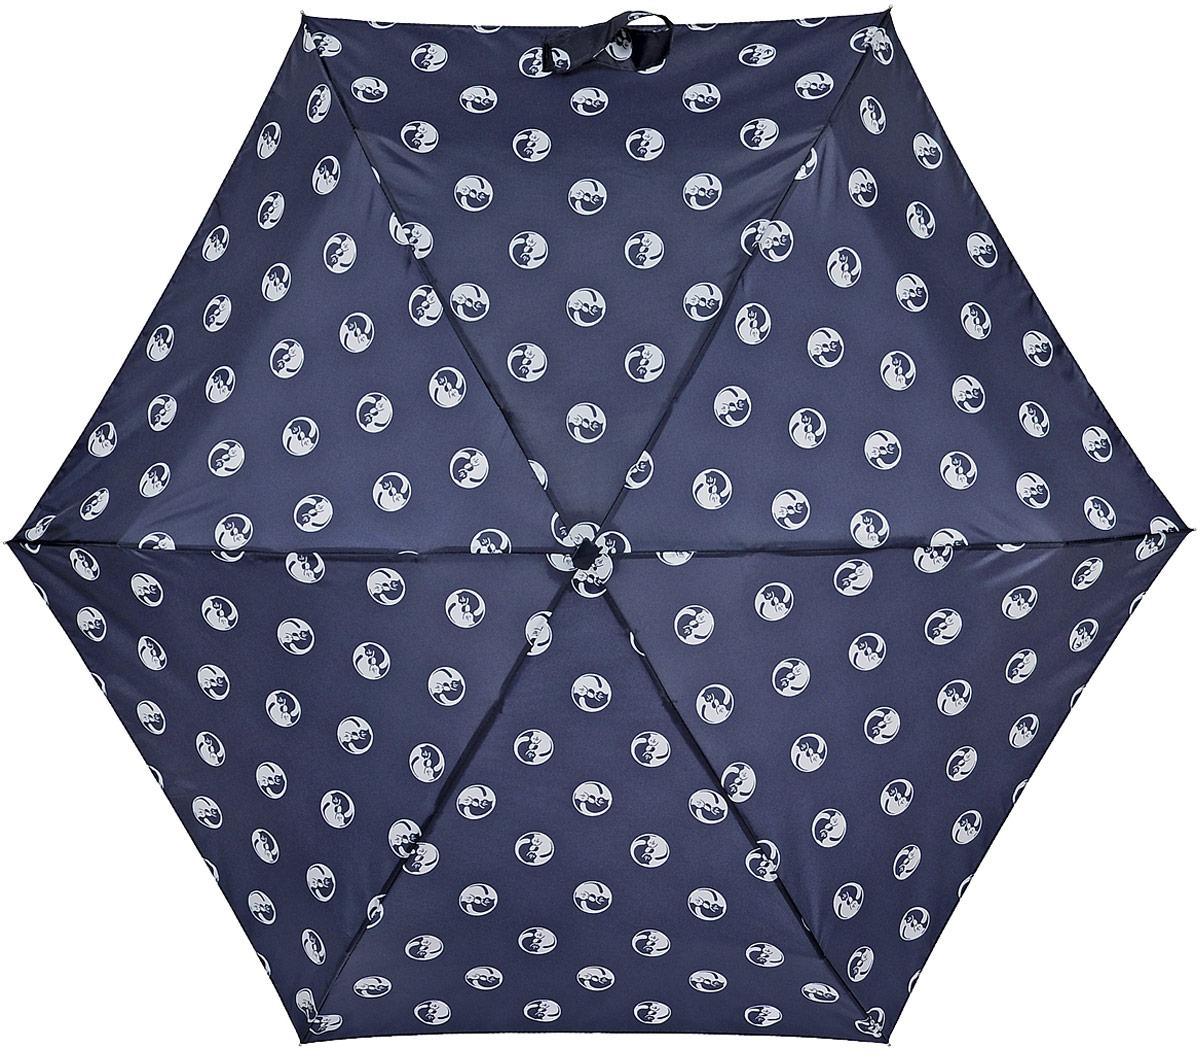 Зонт женский Fulton Yin Yang Cat, механический, 5 сложений, цвет: темно-синий. L50145102176/33205/7900XСтильный зонт Fulton Yin Yang Cat, защитит от непогоды, а его сверхкомпактный размер позволит вам всегда носить его с собой. Ветростойкий плоский алюминиевый каркас в 5 сложений состоит из шести спиц с элементами из фибергласса, зонт оснащен удобной рукояткой из прорезиненного пластика.Купол зонта выполнен из прочного полиэстера и оформлен принтом в виде кошек. На рукоятке для удобства есть небольшой шнурок, позволяющий надеть зонт на руку тогда, когда это будет необходимо.К зонту прилагается чехол. Зонт механического сложения: купол открывается и закрывается вручную, стержень также складывается вручную до характерного щелчка.Характеристики: Материал: алюминий, фибергласс, пластик, полиэстер.Длина зонта в сложенном виде: 15 см.Длина ручки (стержня) в раскрытом виде:50 см.